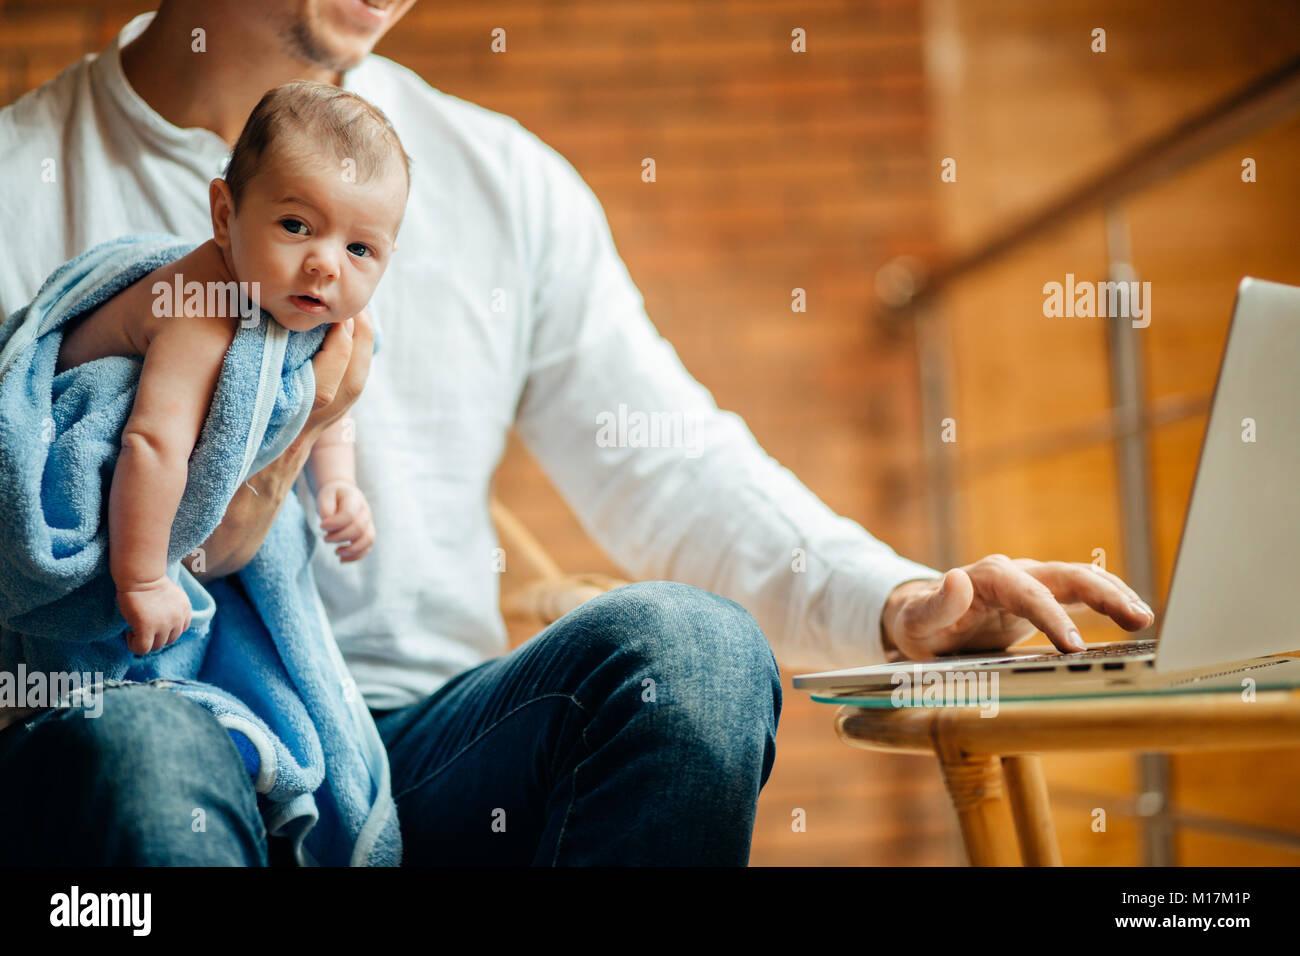 Uomo che lavora alla scrivania a casa con il computer portatile, tenendo carino bambinos, guardando a schermo Immagini Stock